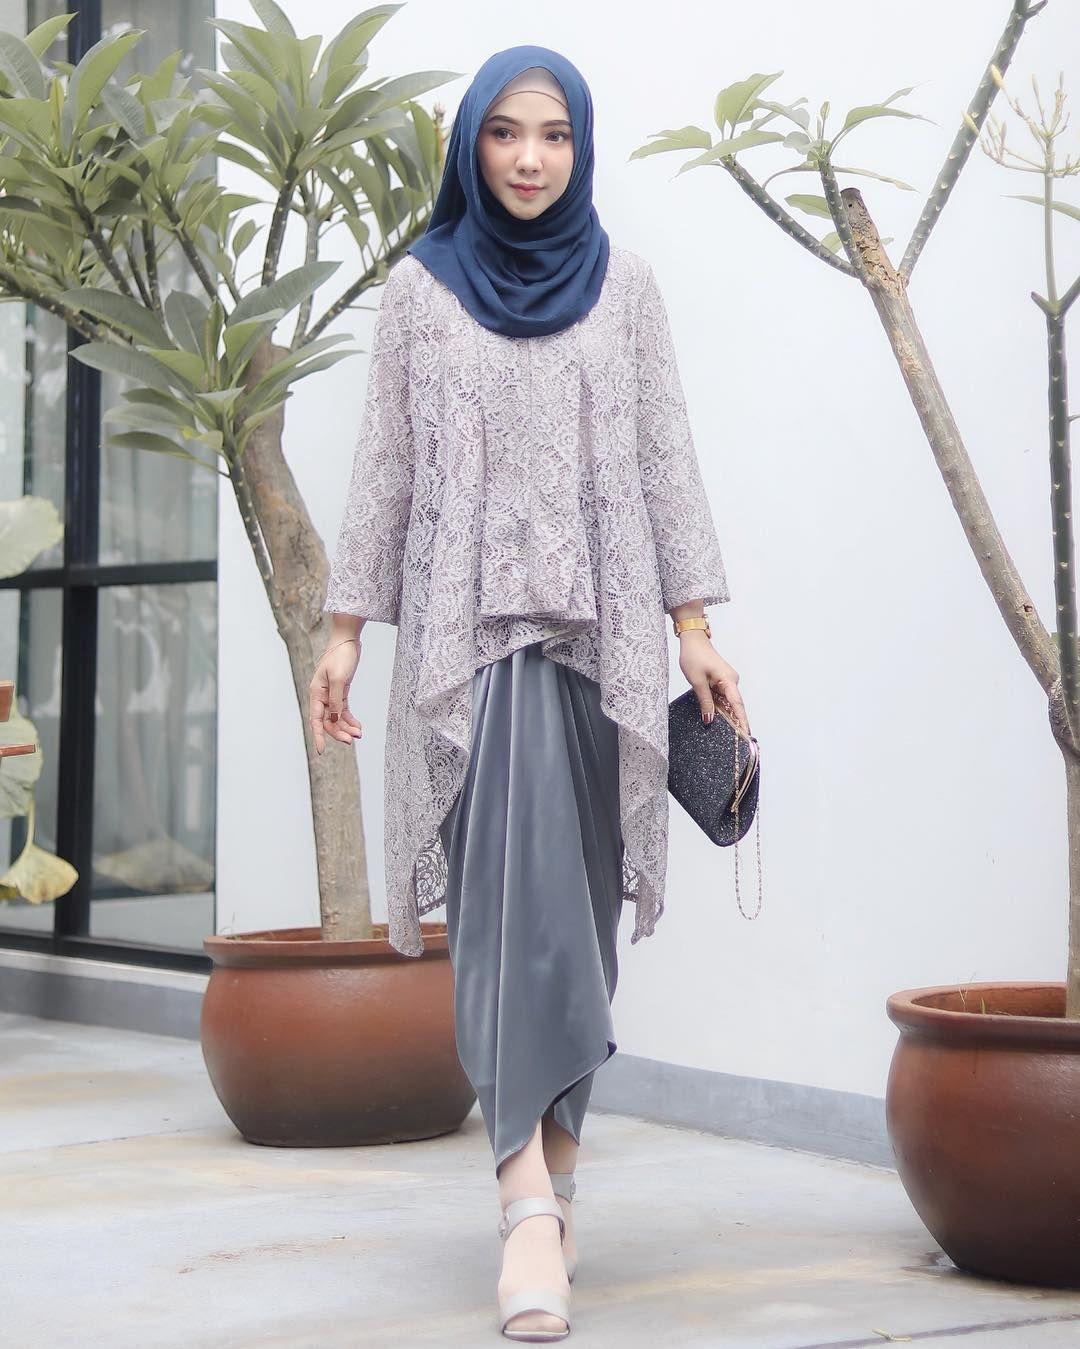 baju kondangan simple hijab dengan kain lilit